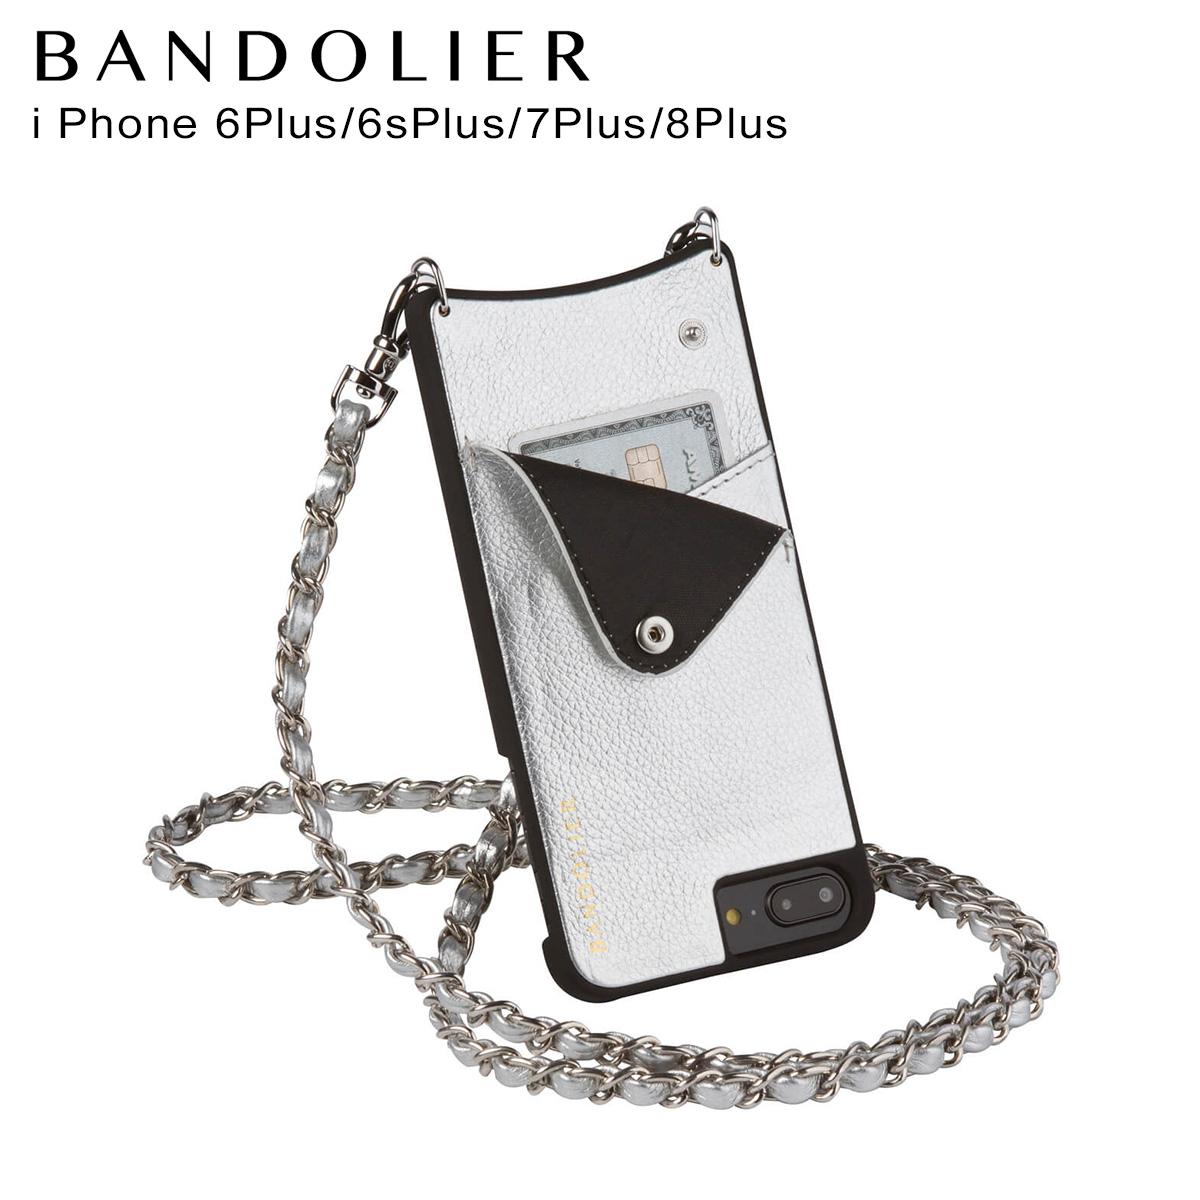 バンドリヤー BANDOLIER iPhone8Plus iPhone7Plus 6sPlus ケース スマホ アイフォン プラス LUCY RICH SILVER メンズ レディース